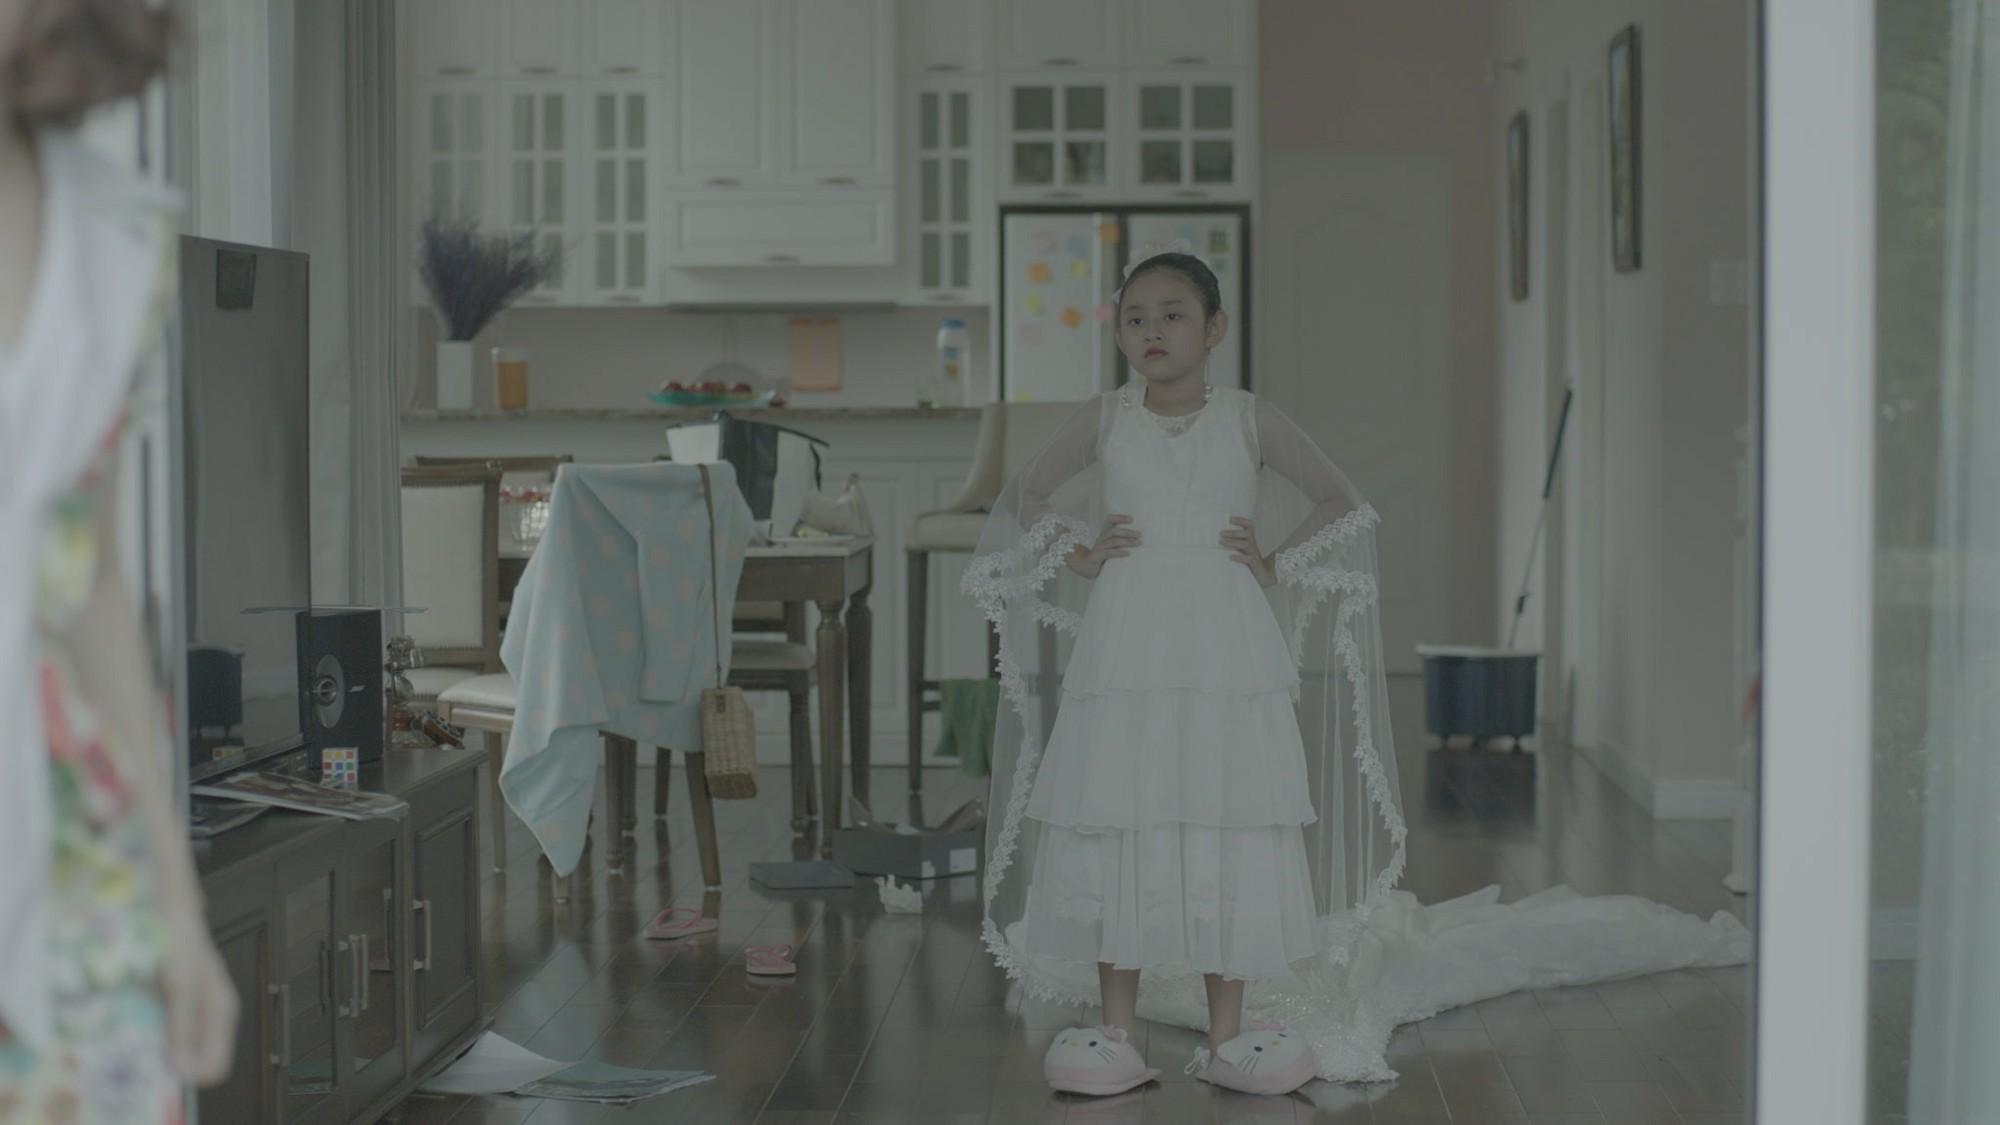 Những nhóc tì bá đạo nhất mùa hè 2019 chính là dàn cast nhí của Tìm chồng cho mẹ chứ còn ai nữa! - Ảnh 1.